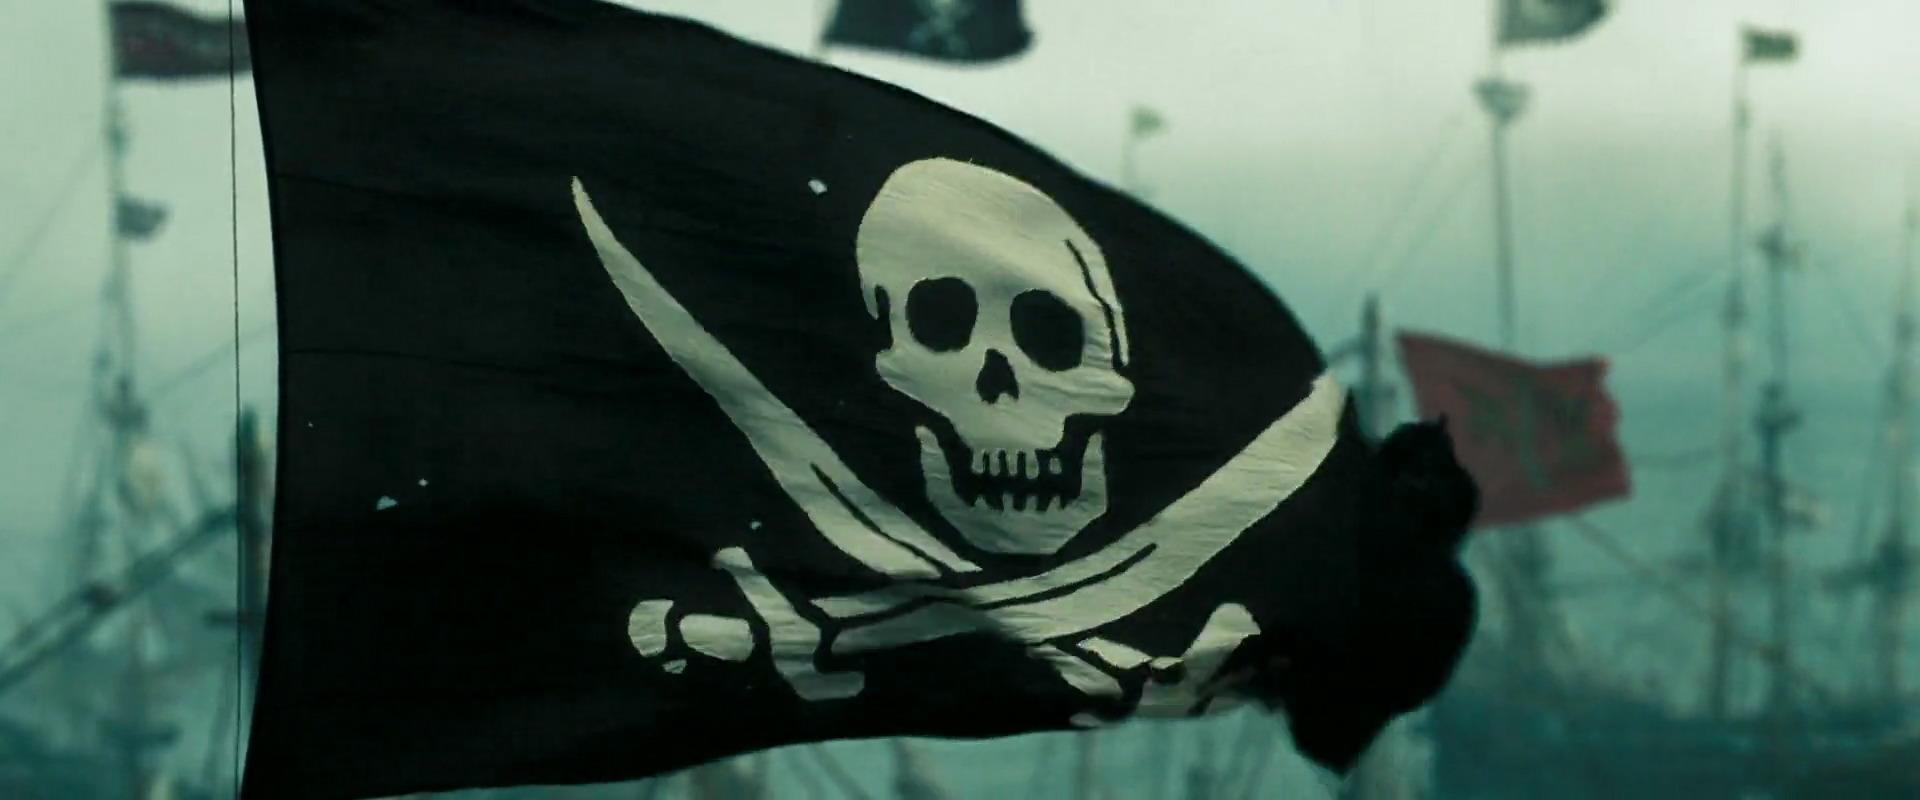 Jolly Roger Flag Potc Wiki Fandom Powered By Wikia